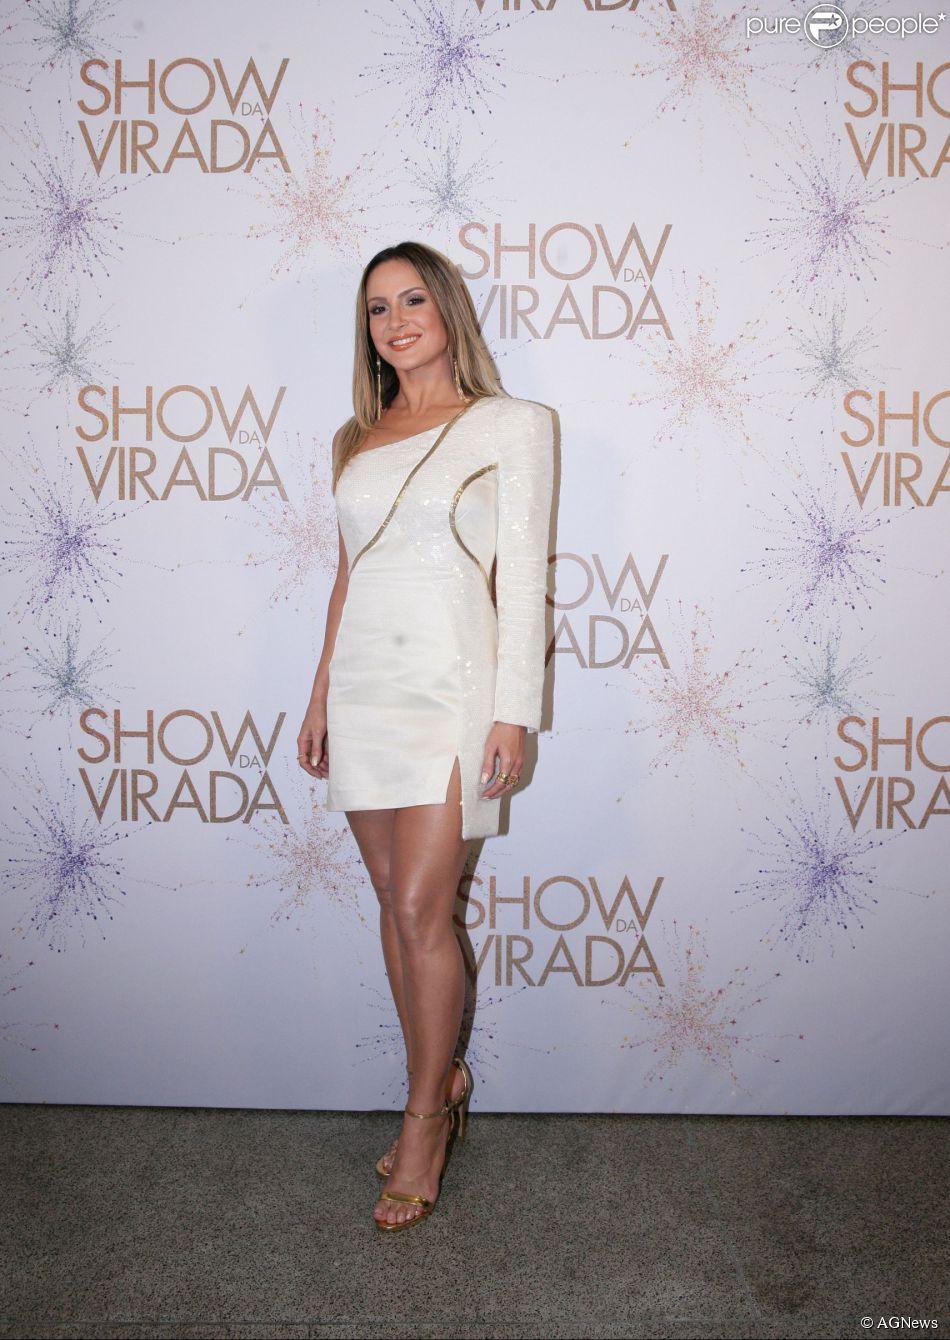 Claudia Leitte Vai Com Vestido Da Grife Tufi Duek Para A